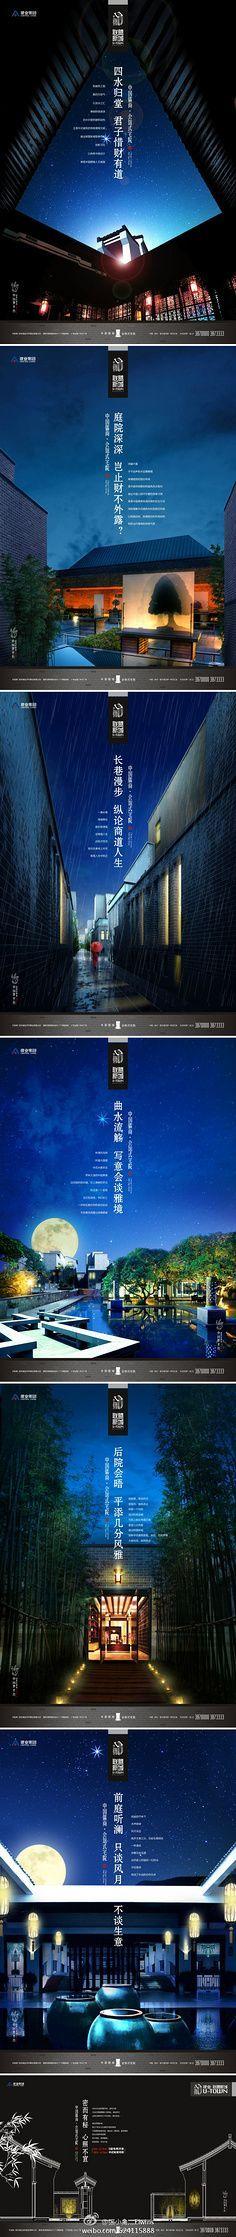 滇风采集到地产广告: